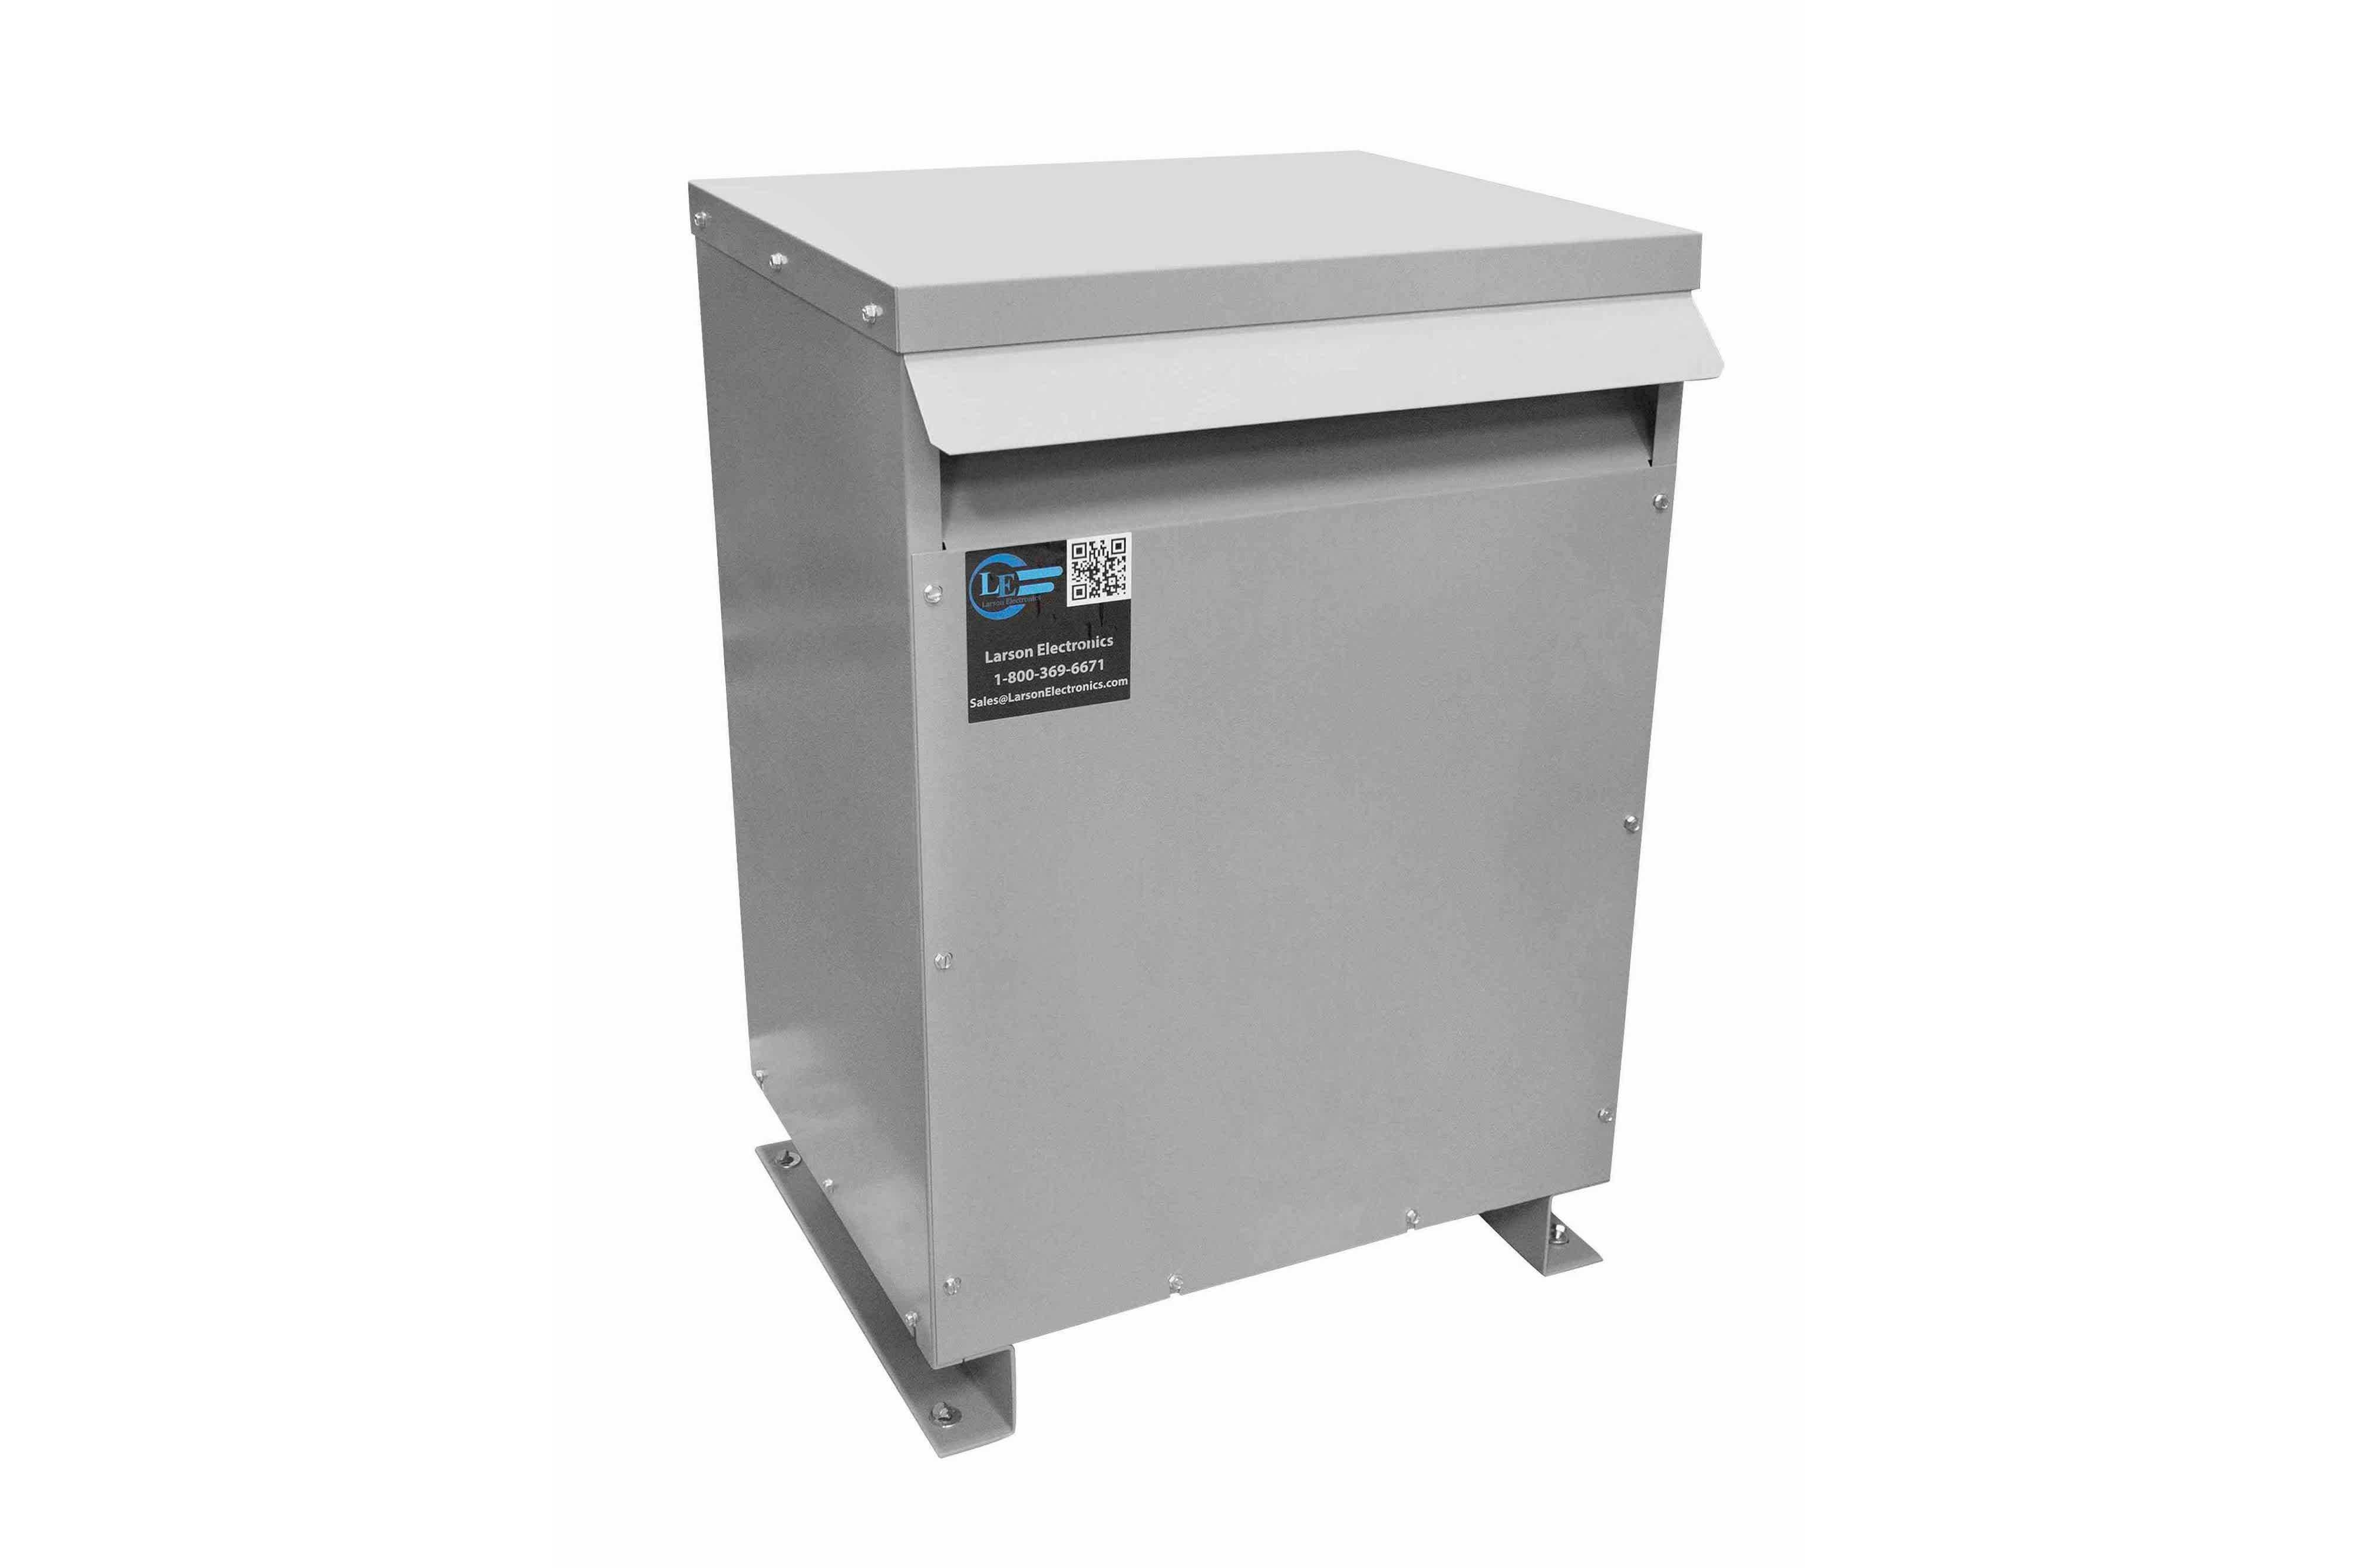 700 kVA 3PH DOE Transformer, 380V Delta Primary, 240V/120 Delta Secondary, N3R, Ventilated, 60 Hz